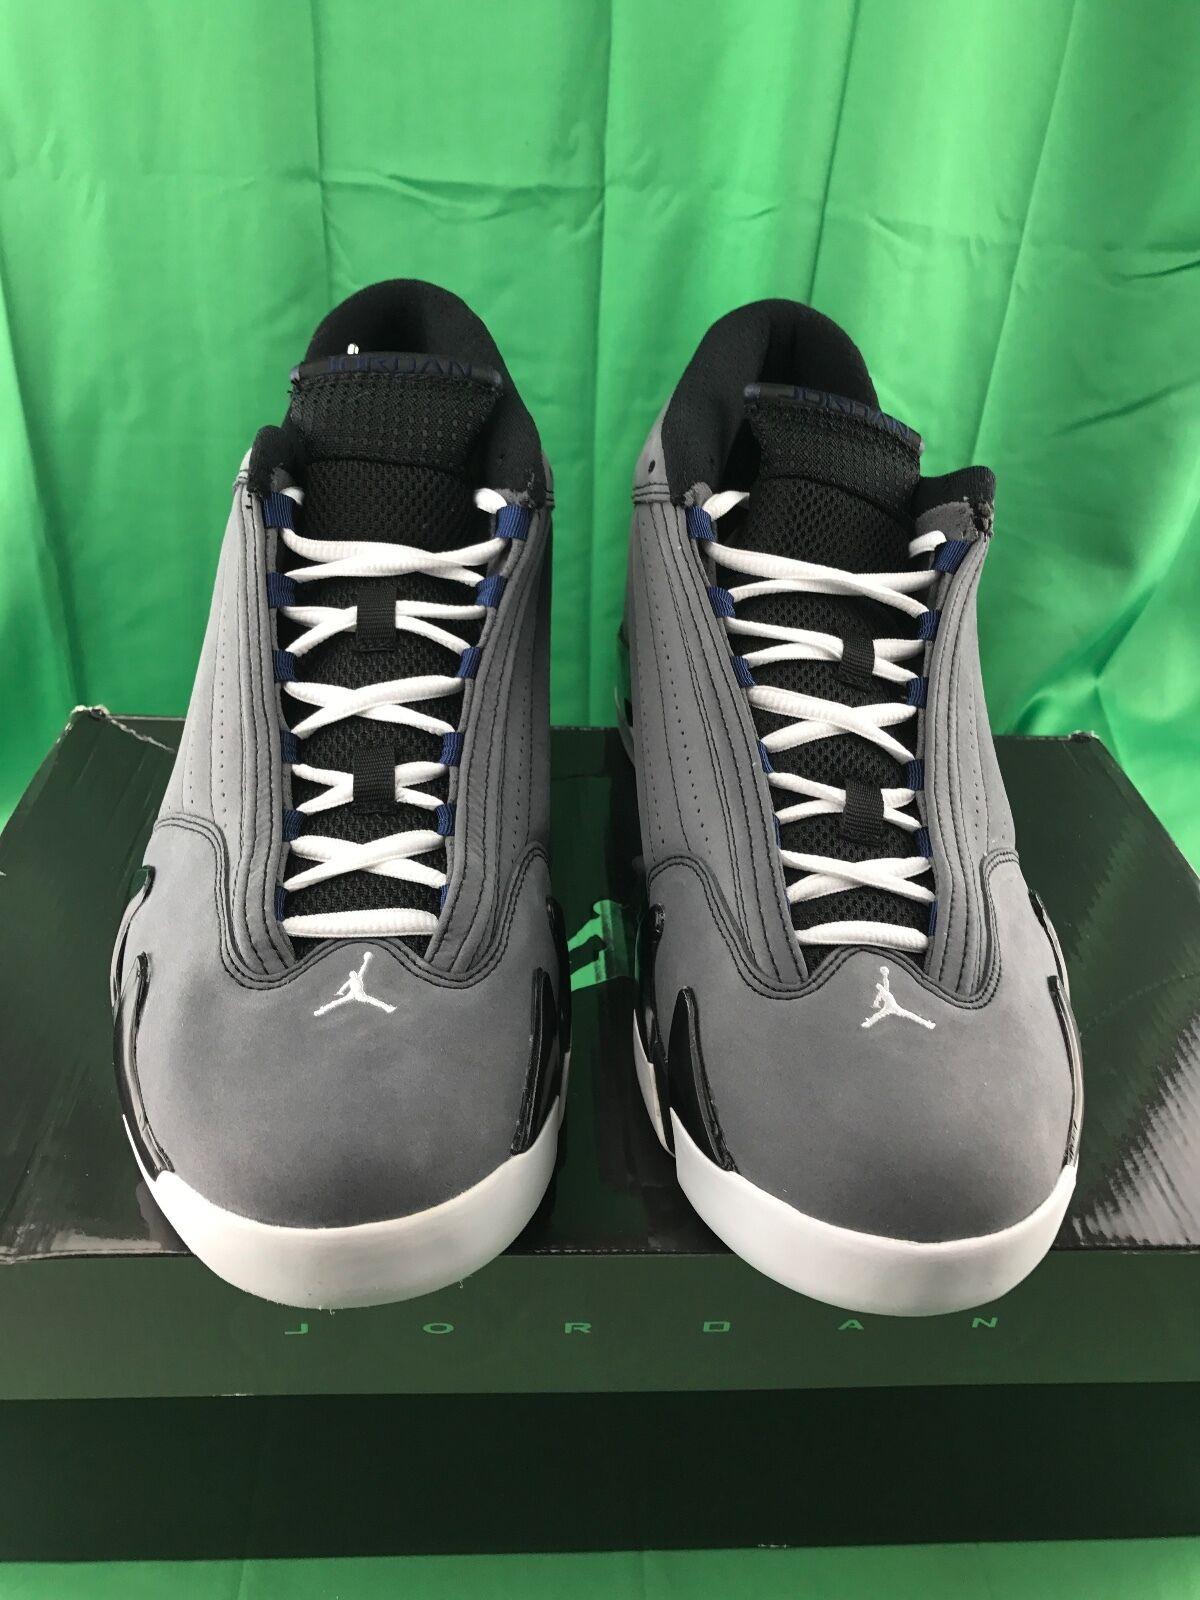 Nike Air Jordan 14 XIV Retro Price reduction Great discount